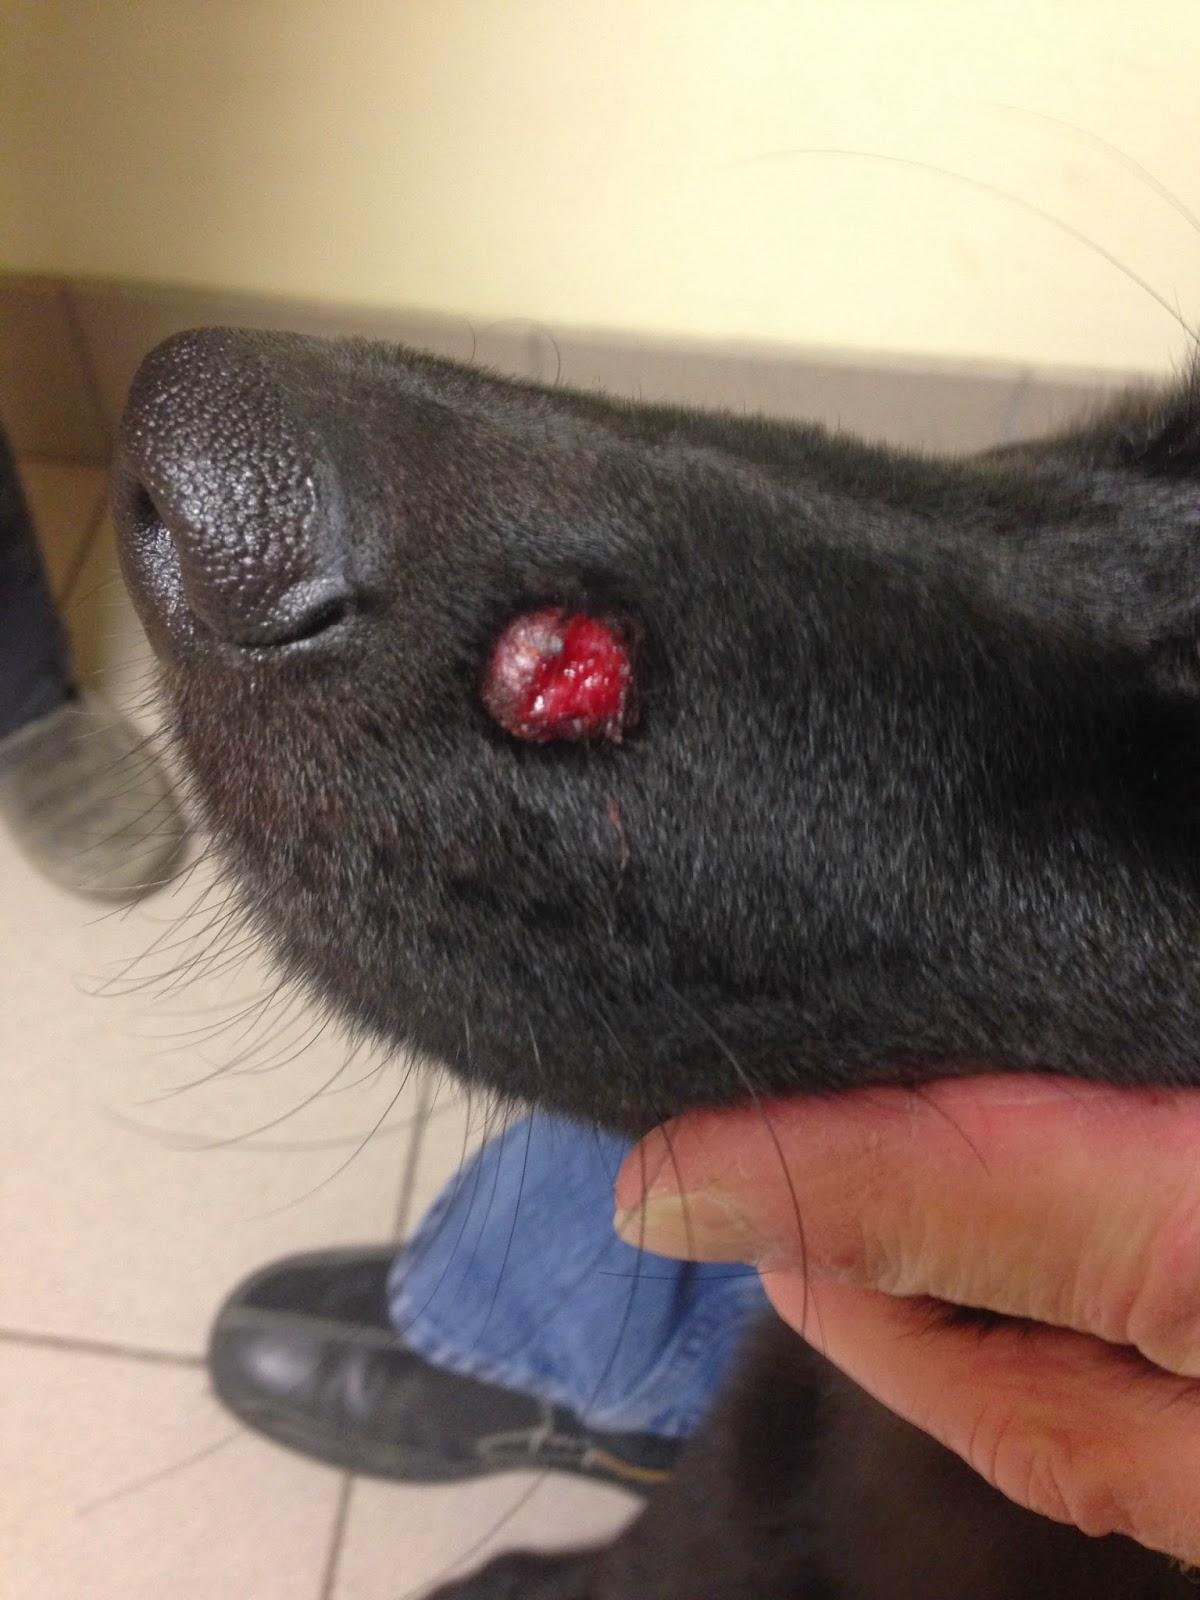 Histiocytoma Dogs Ear